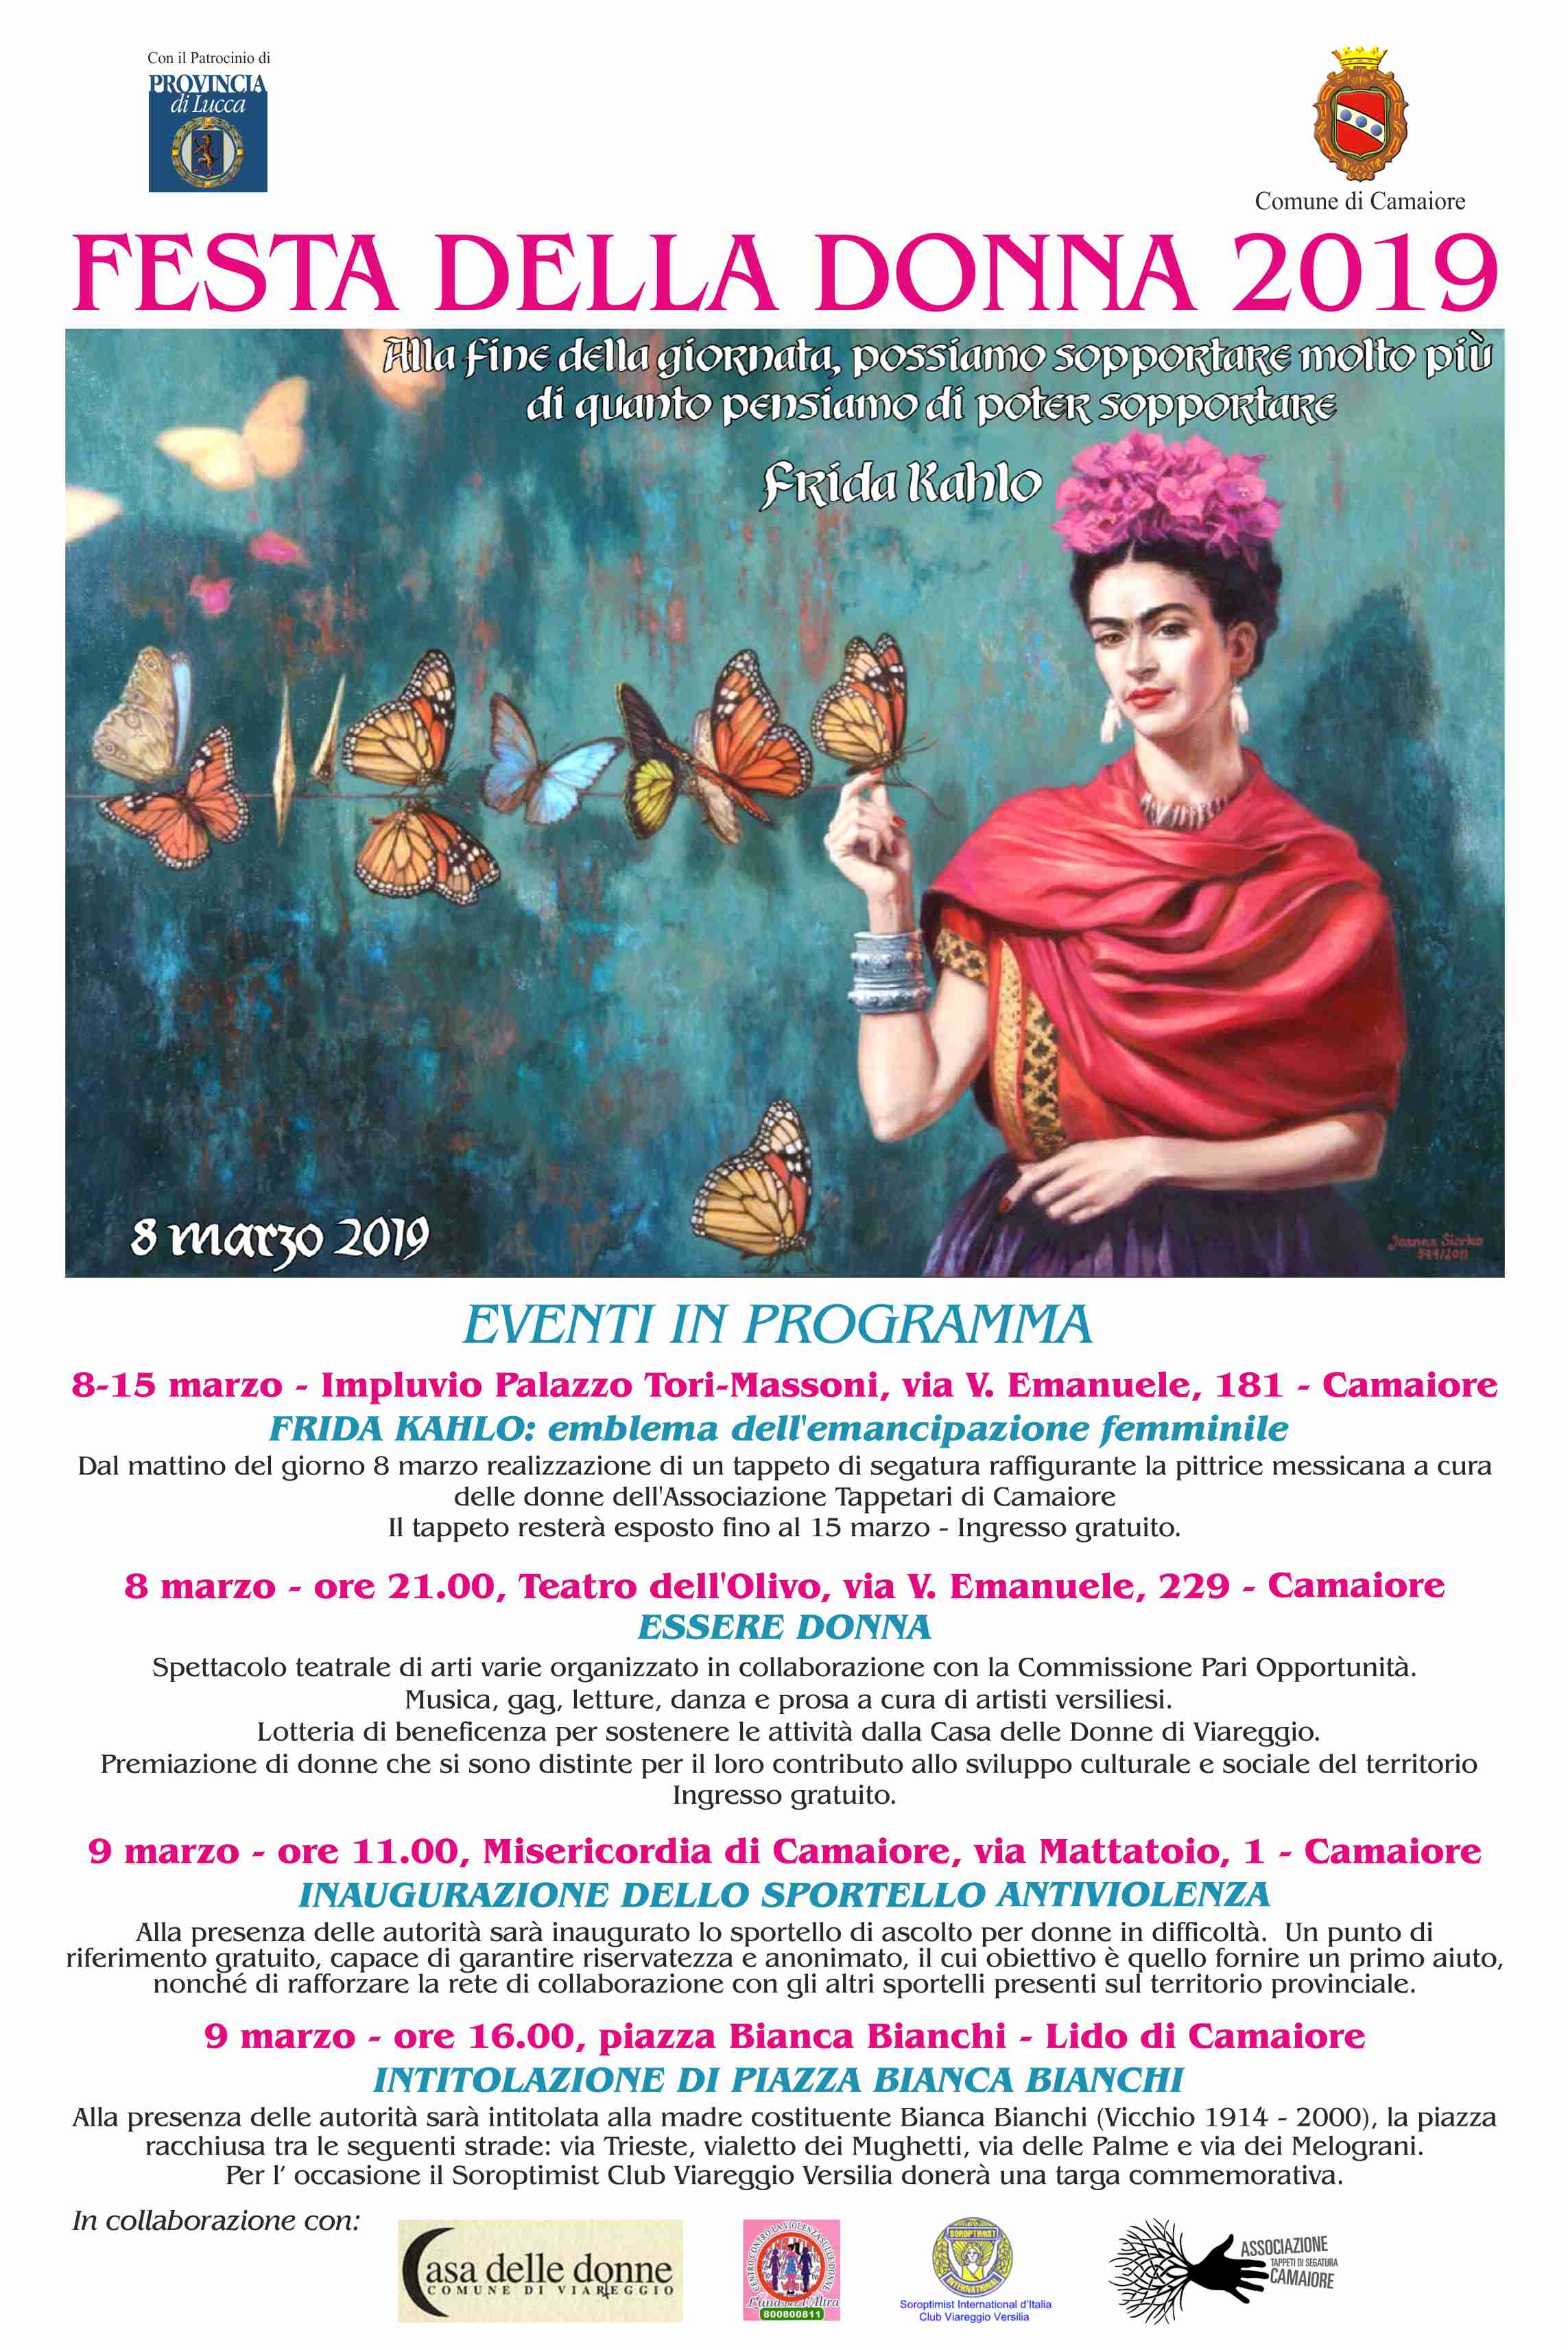 Festa della donna 2019 - il programma delle iniziative del Comune di Camaiore